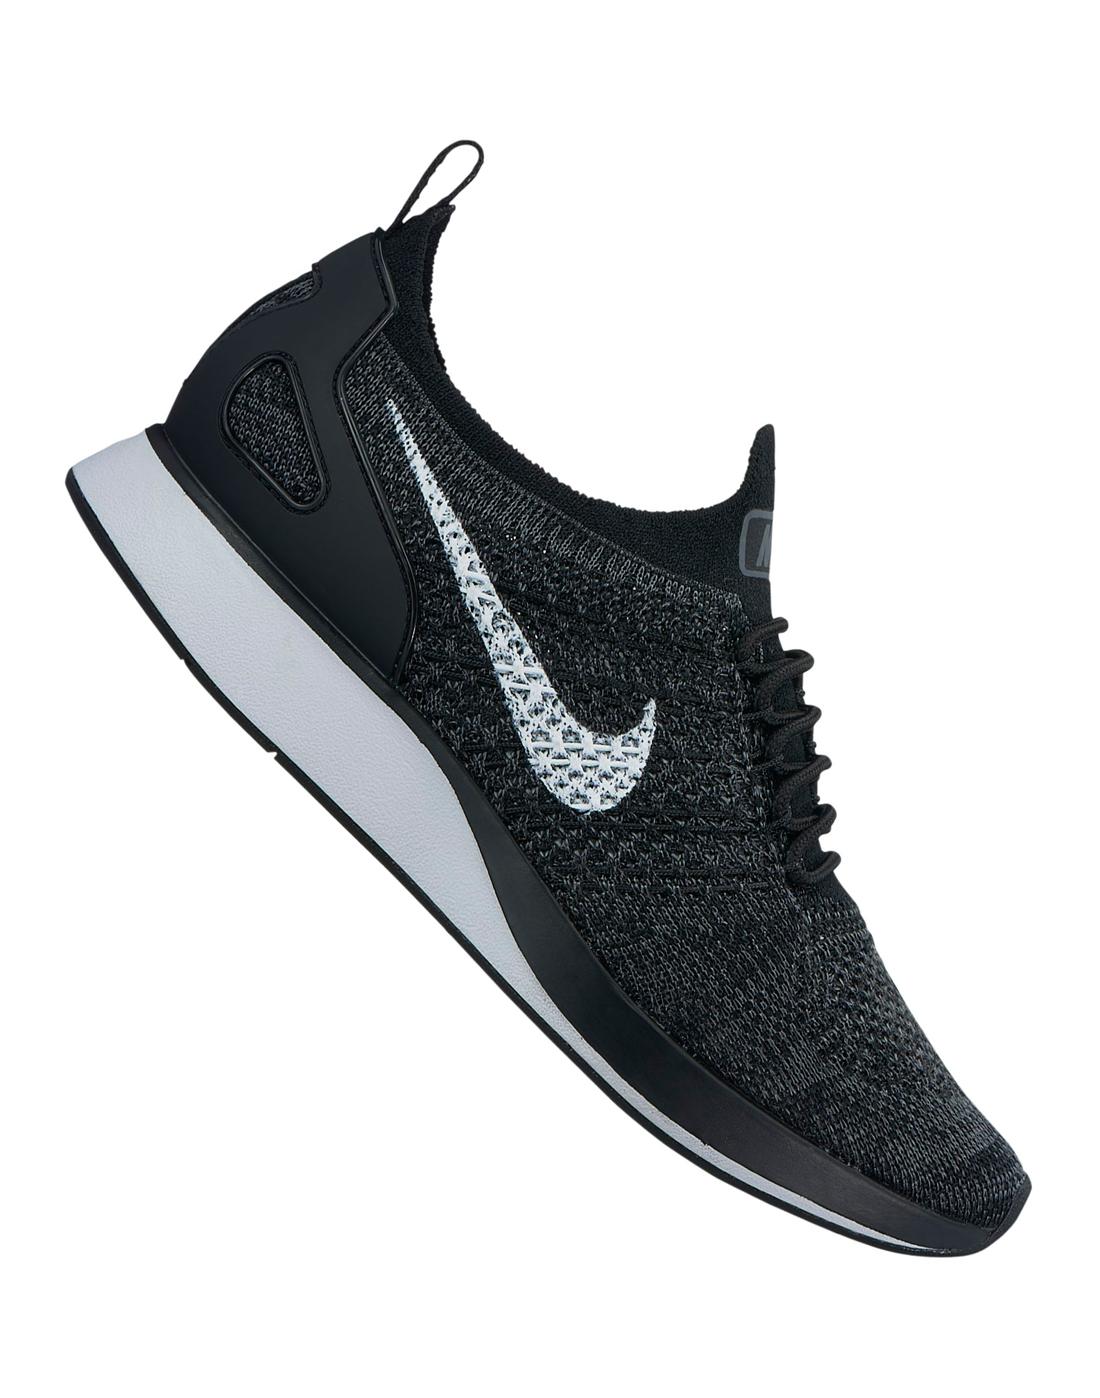 7798f48a452df Nike Womens Air Zoom Mariah Fk Racer